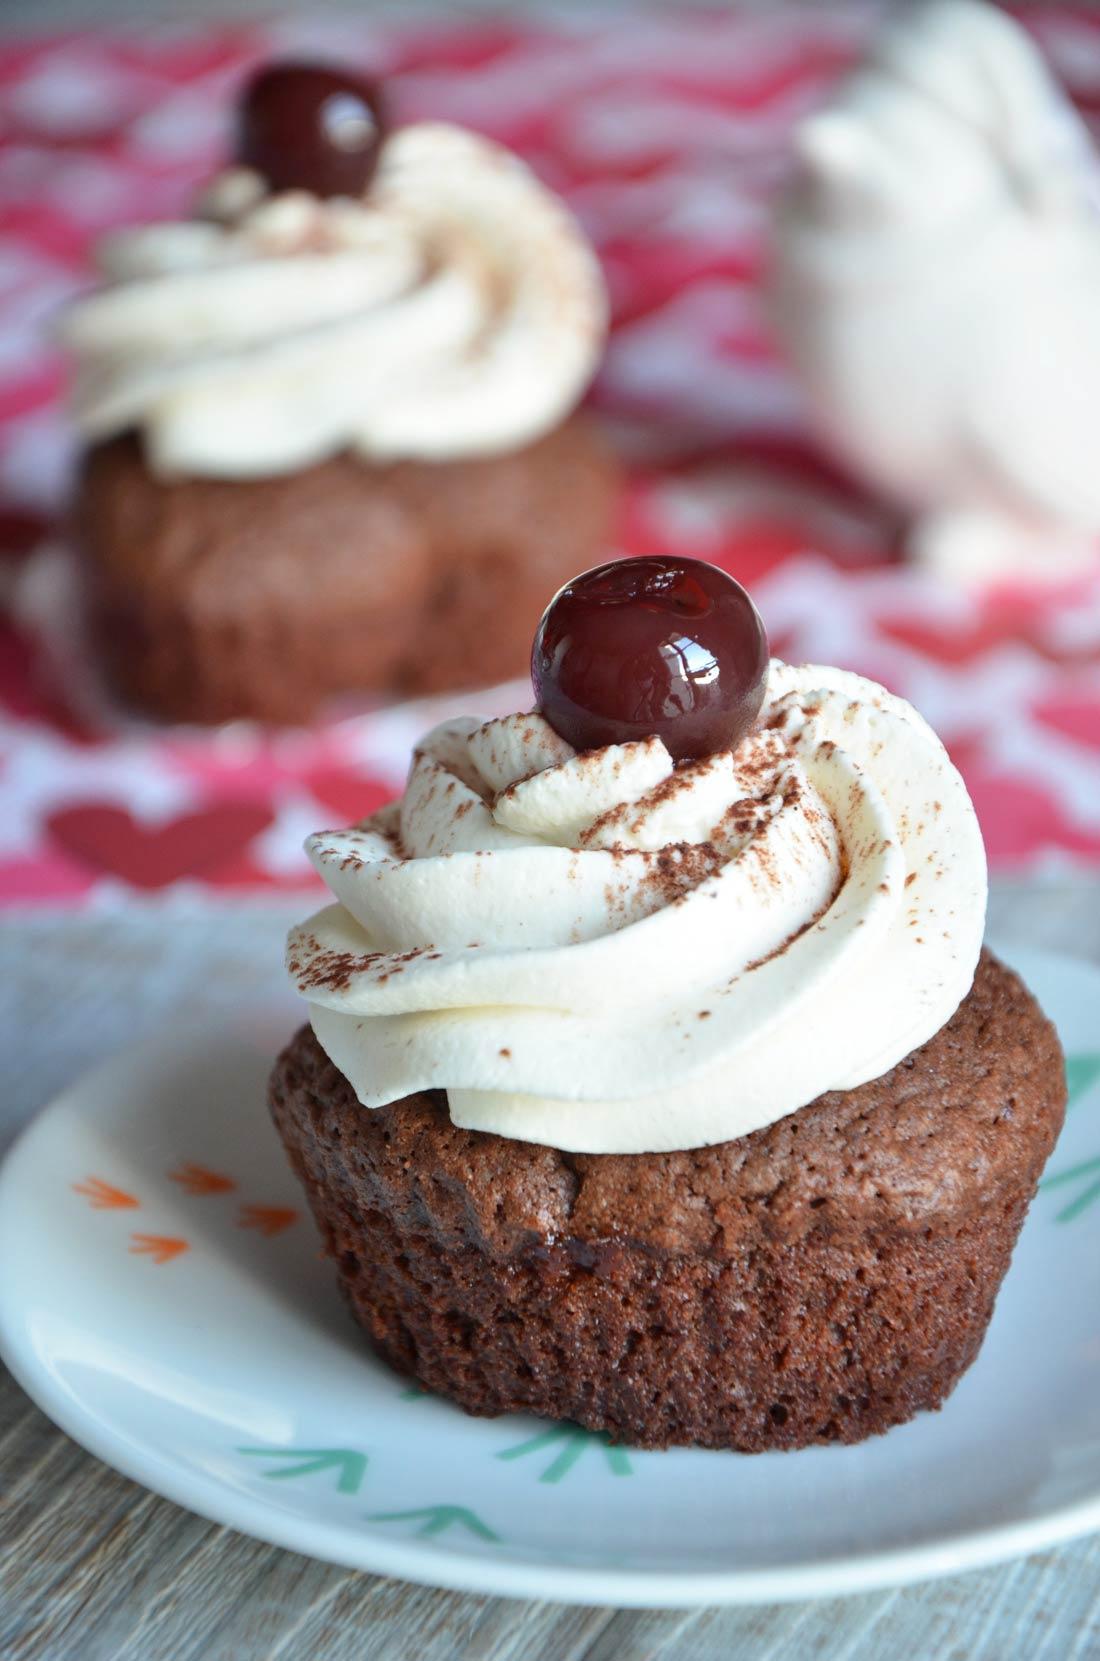 Délicieux Cupcakes Mon chéri parfaits pour la Saint Valentin